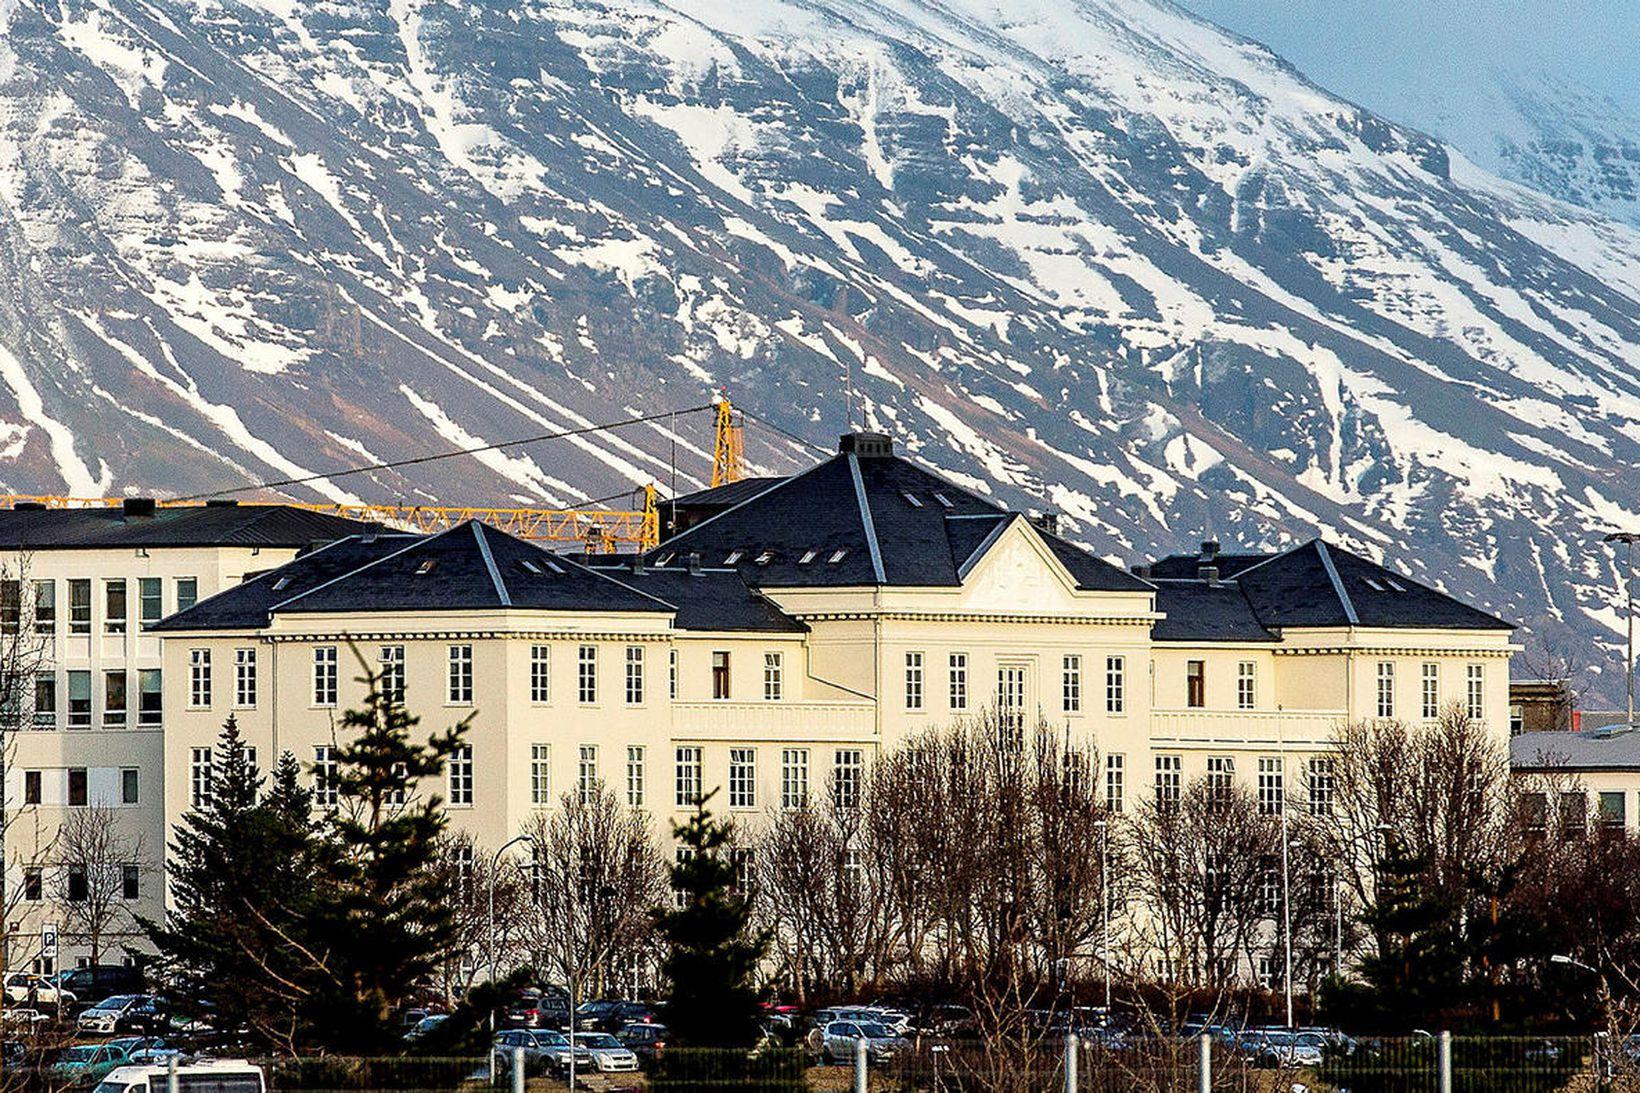 Stór hluti Covid-sjúklinga á Landspítalanum hefur fengið lyfið remdesivir. Alþjóðaheilbrigðismálastofnunin …